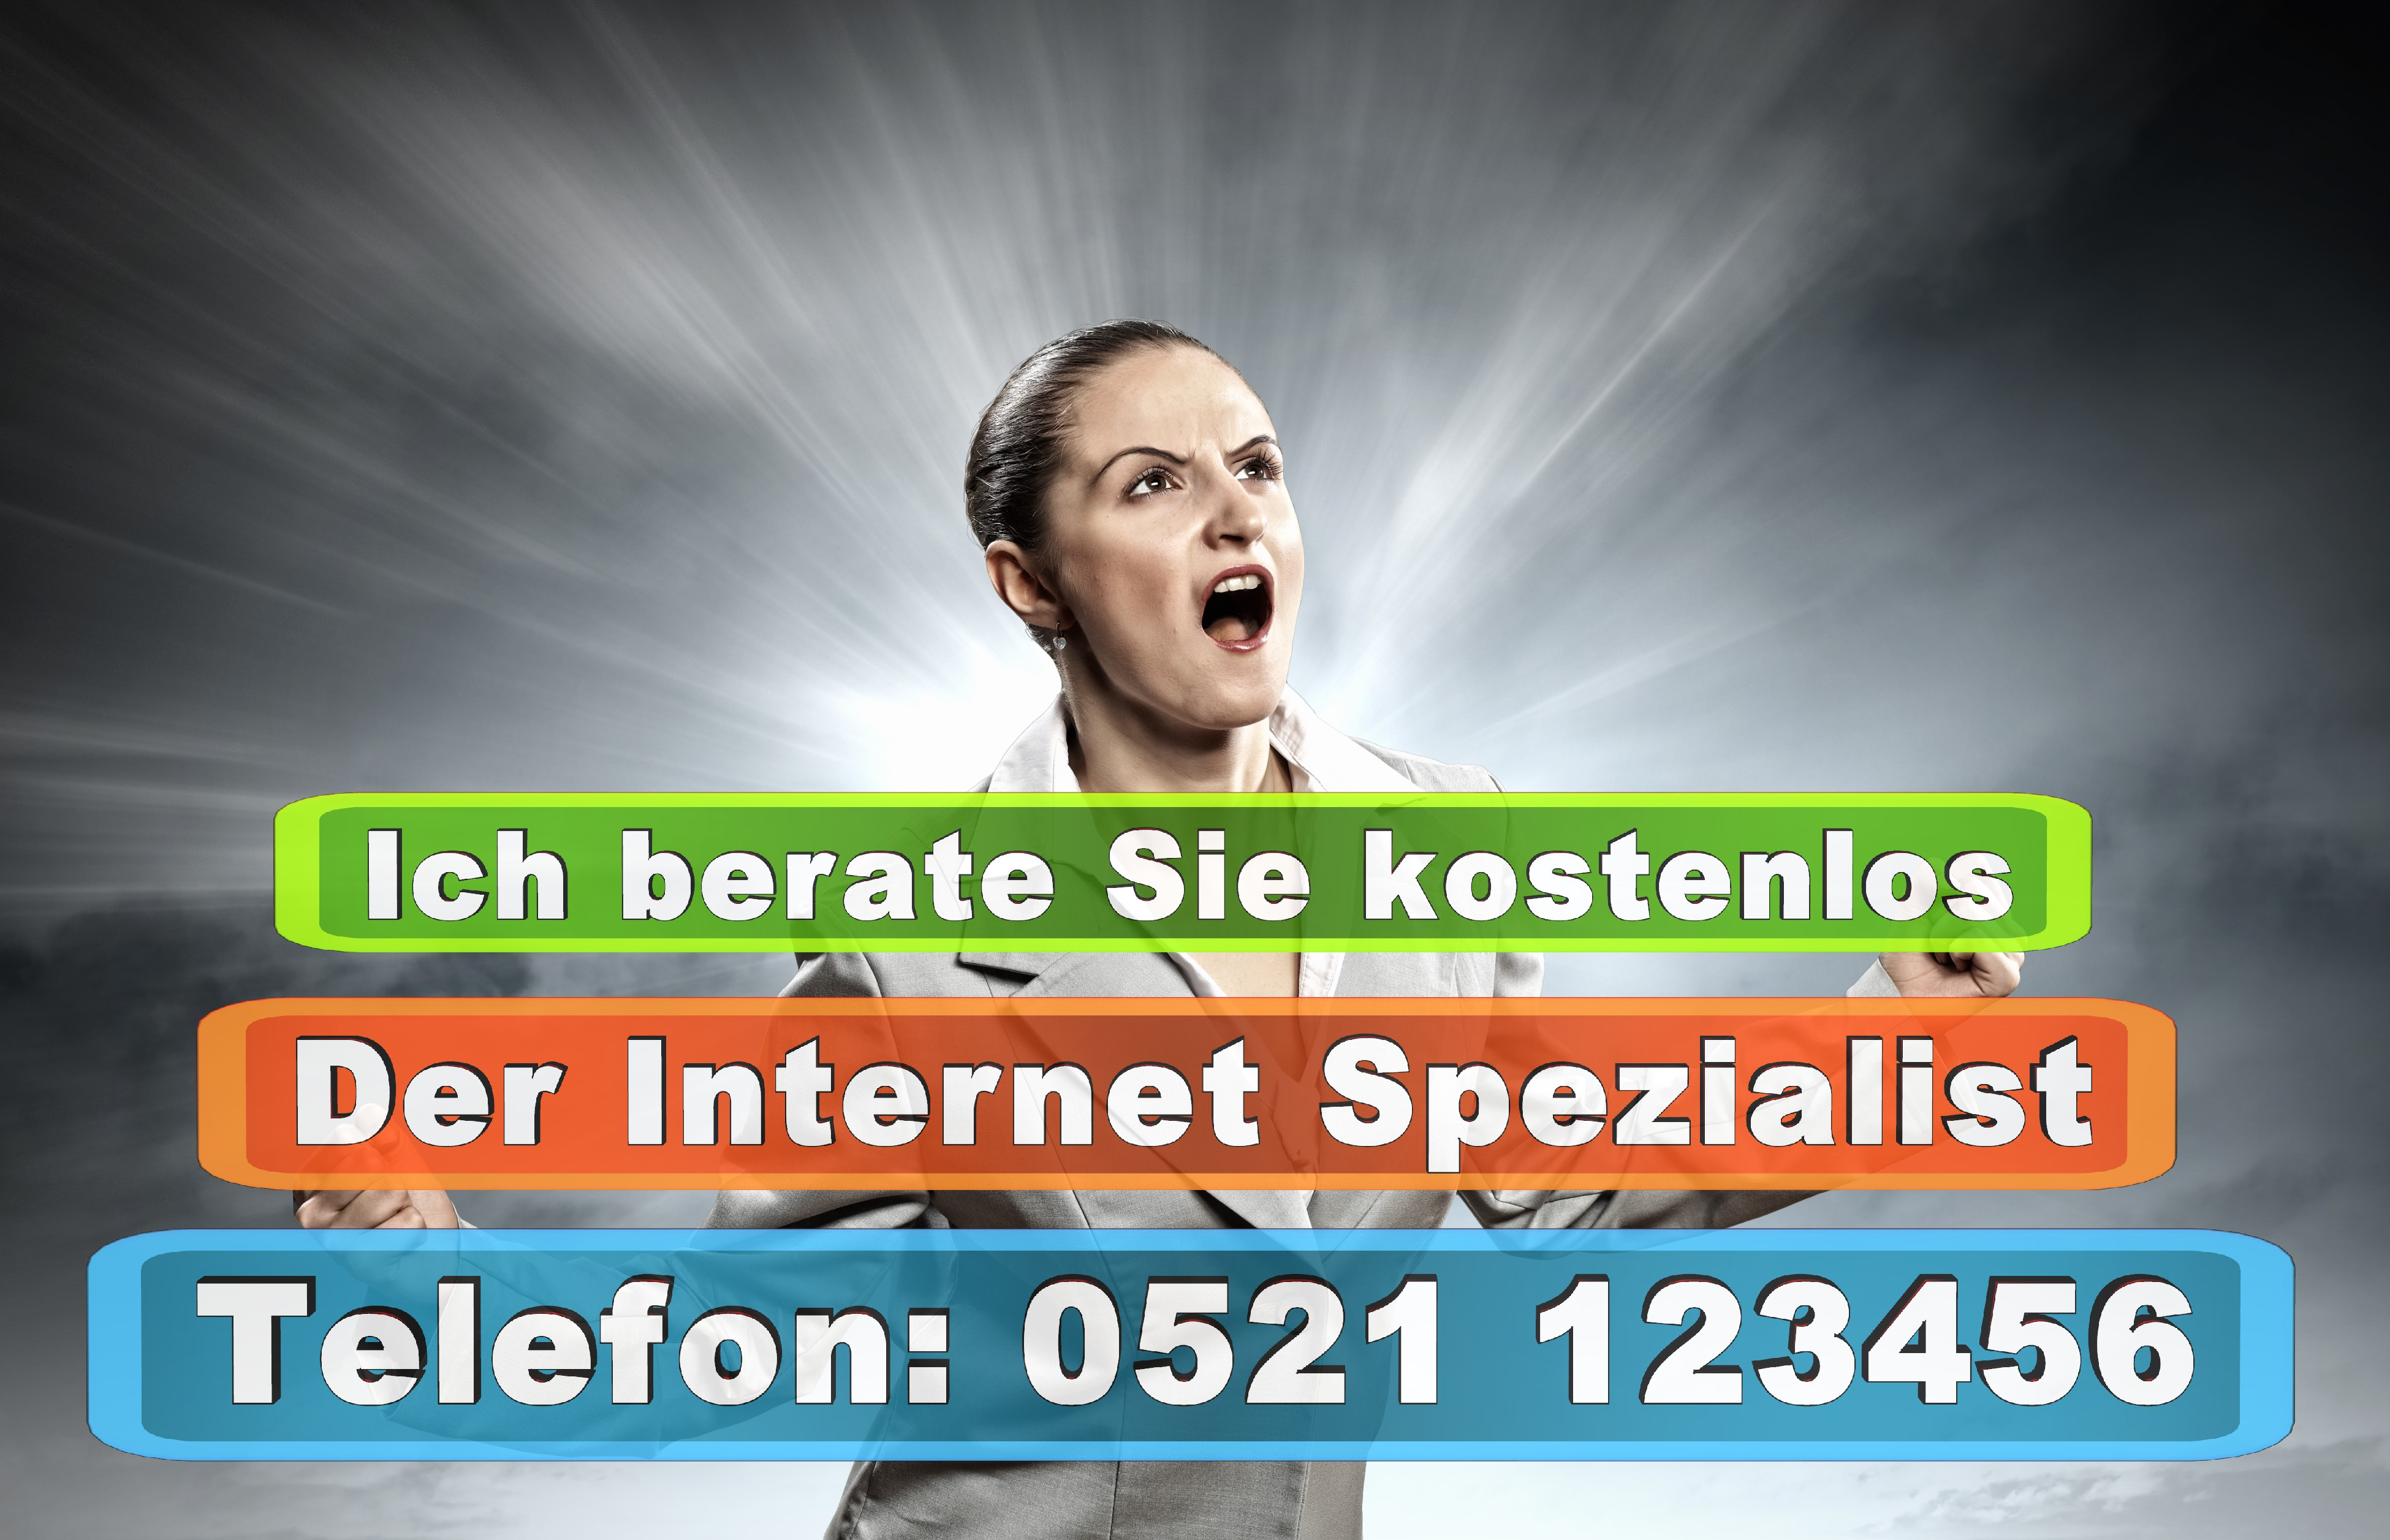 Bielefeld Werbeagenturen Druckereien Werbeplakate Print Druck Internet Computer Grafiker Designer Mode Geschäfte Bekleidung (6)